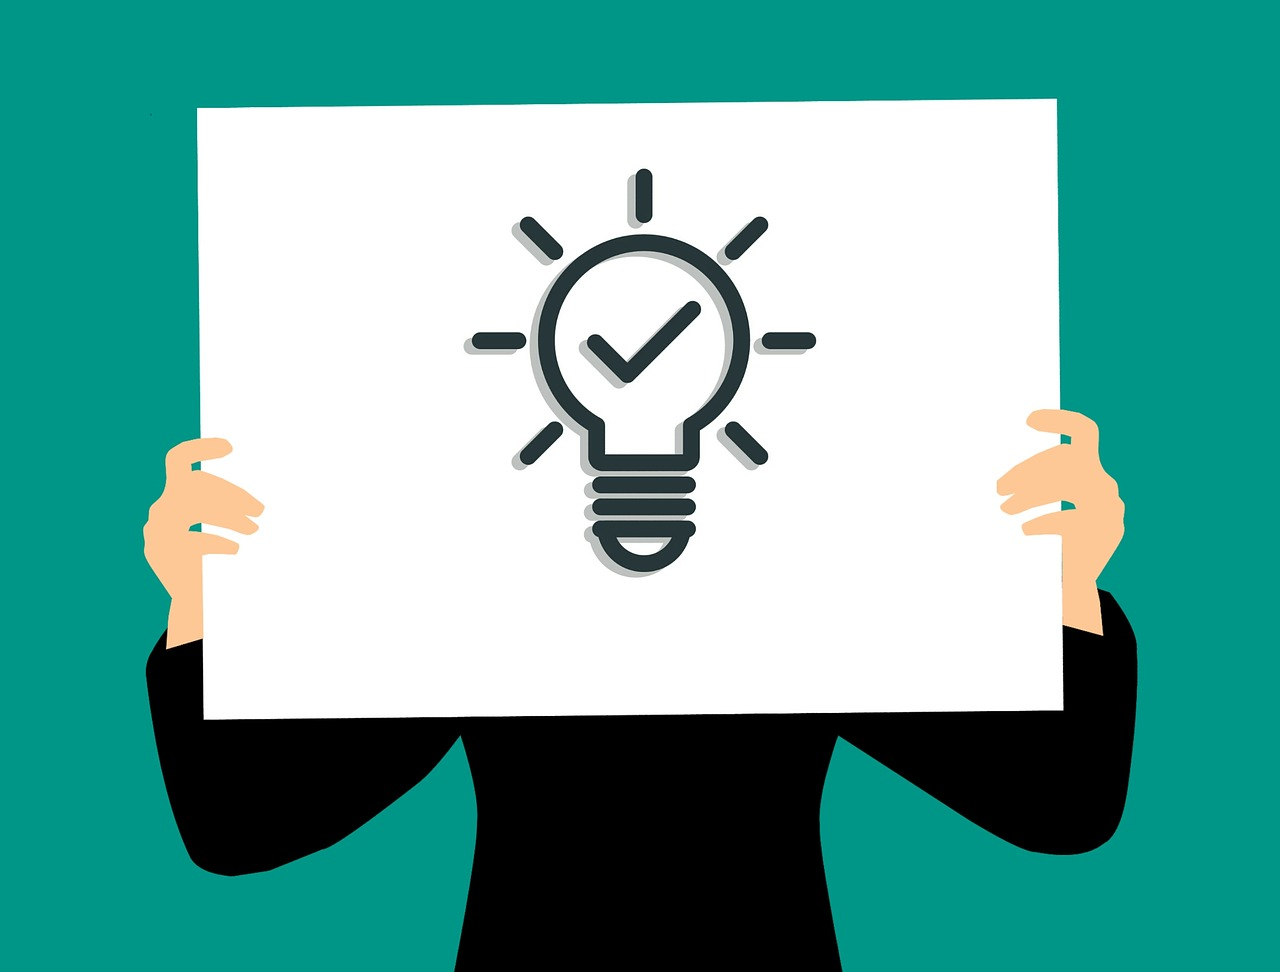 CIP abre programa de inovação para se aproximar de fintechs